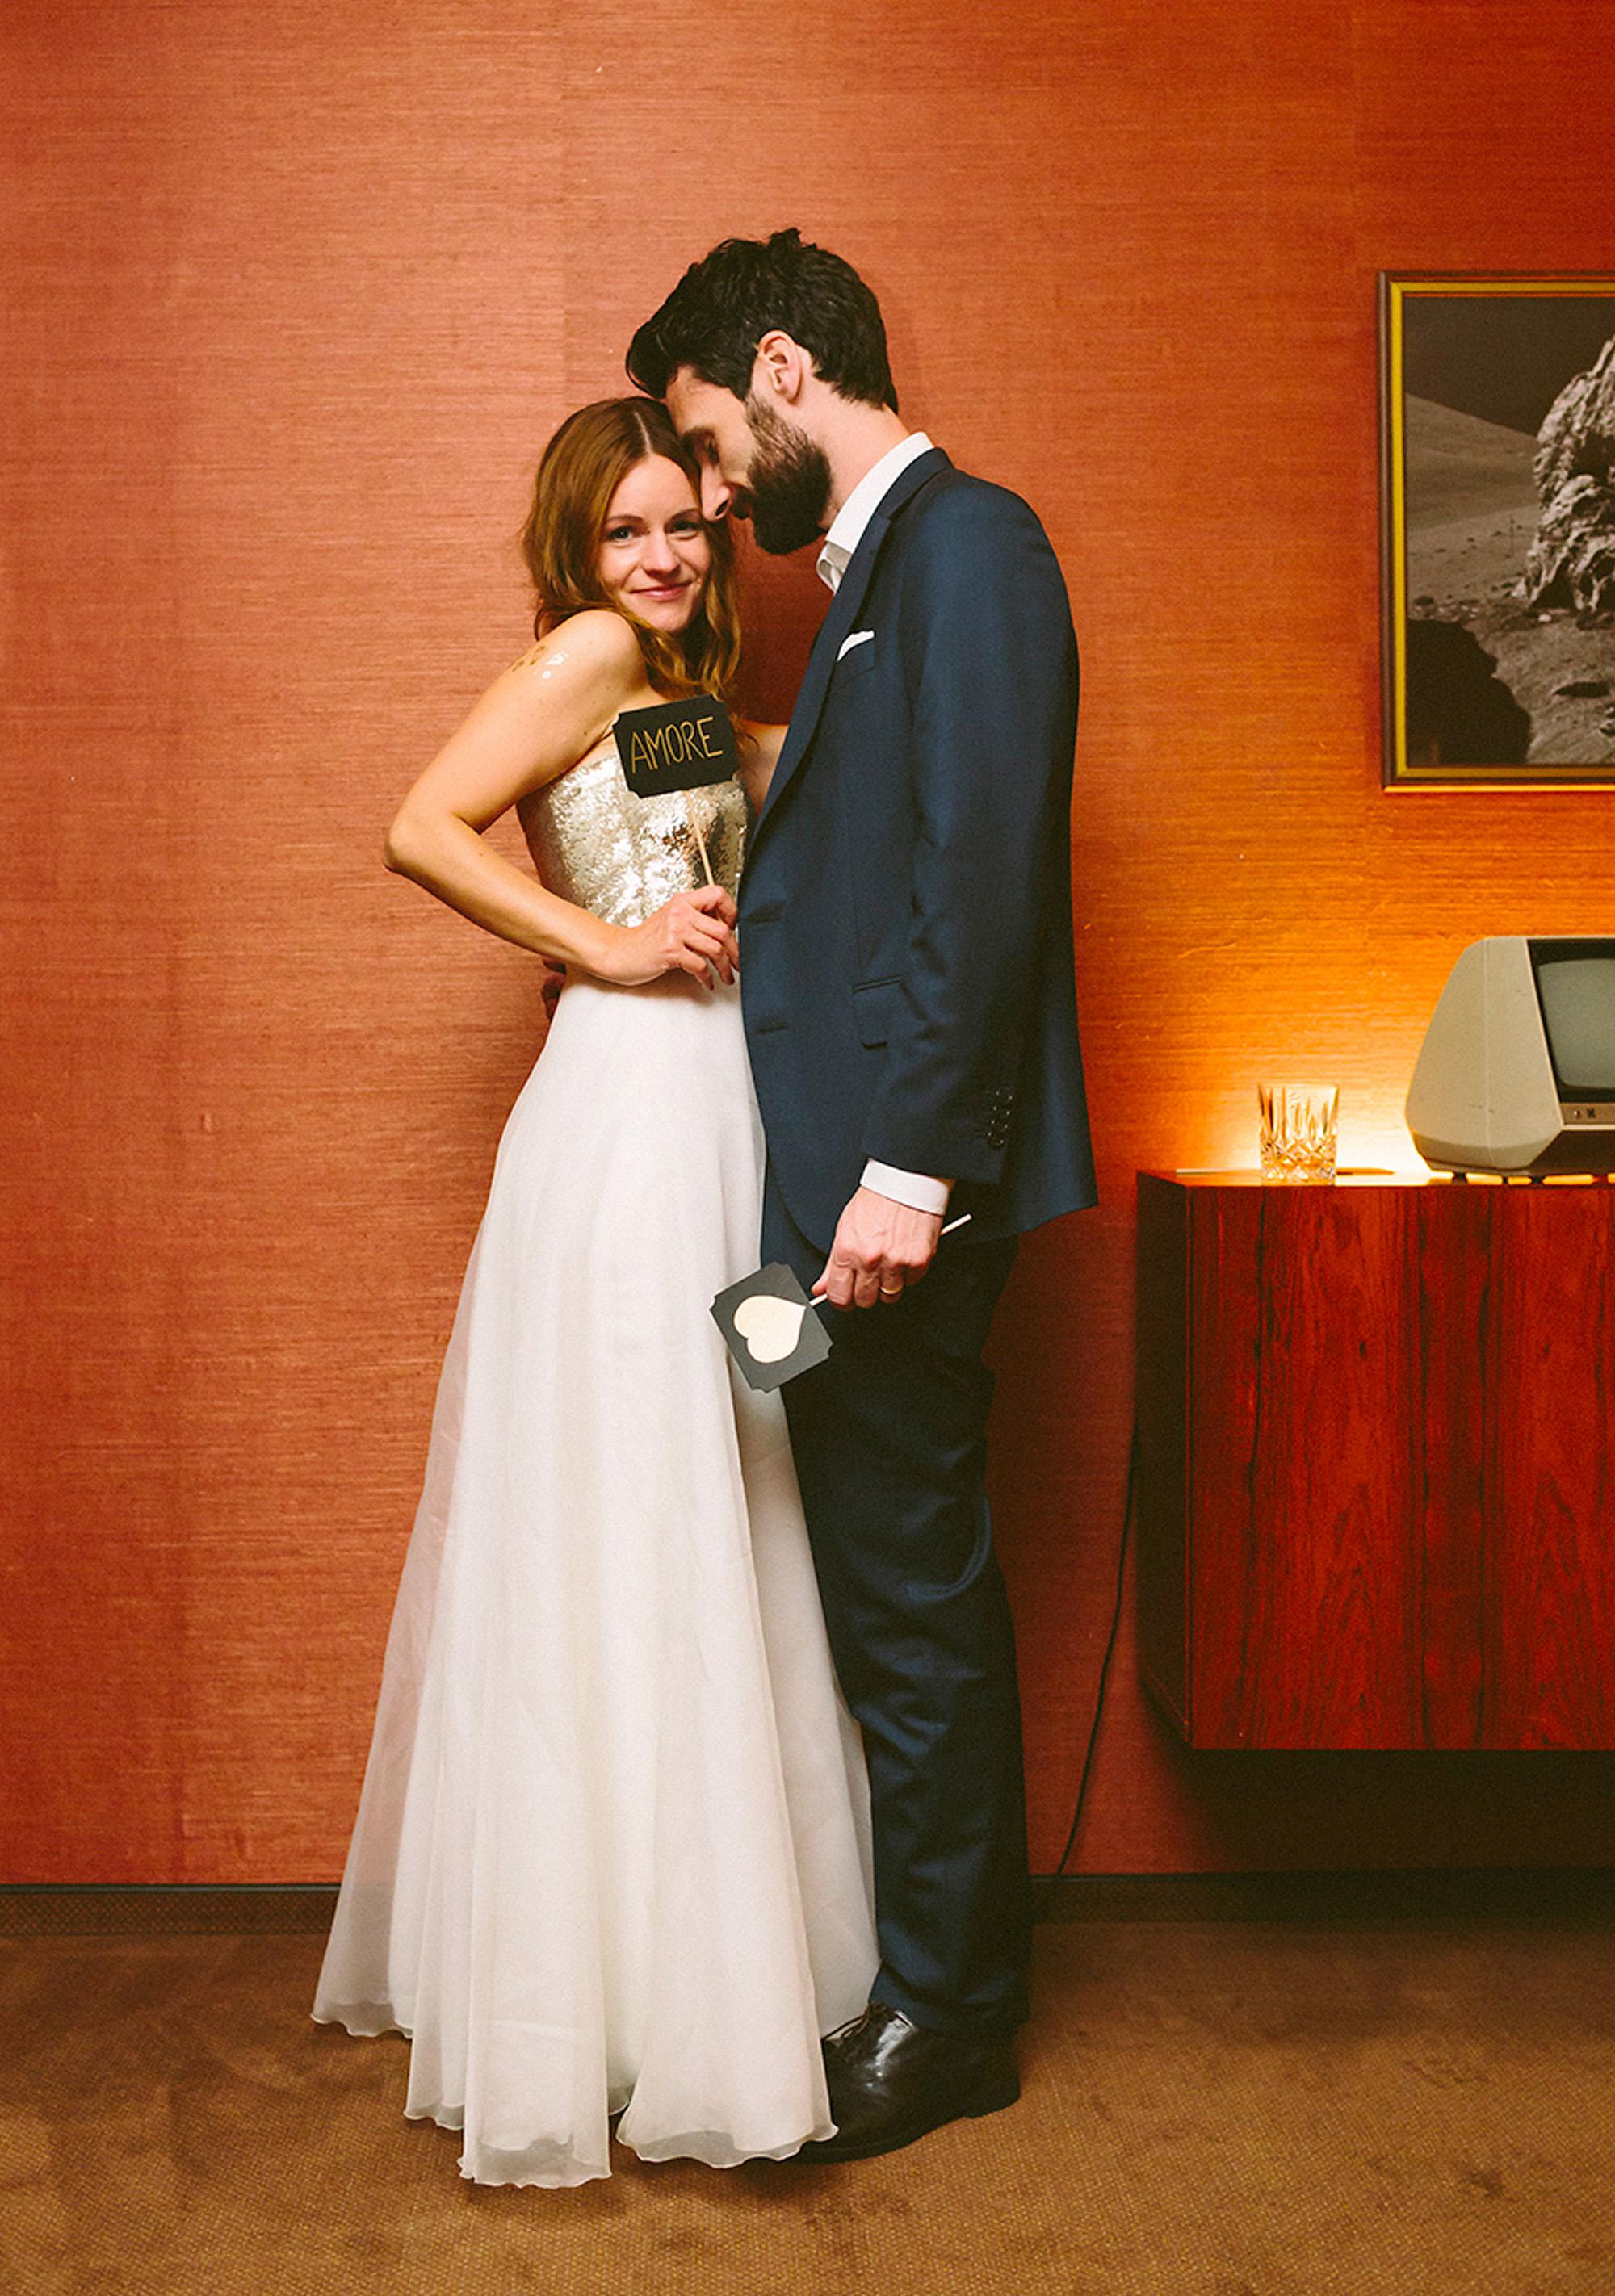 Eine Hochzeit mit Amore in einem Brautkleid von ANNE WOLF